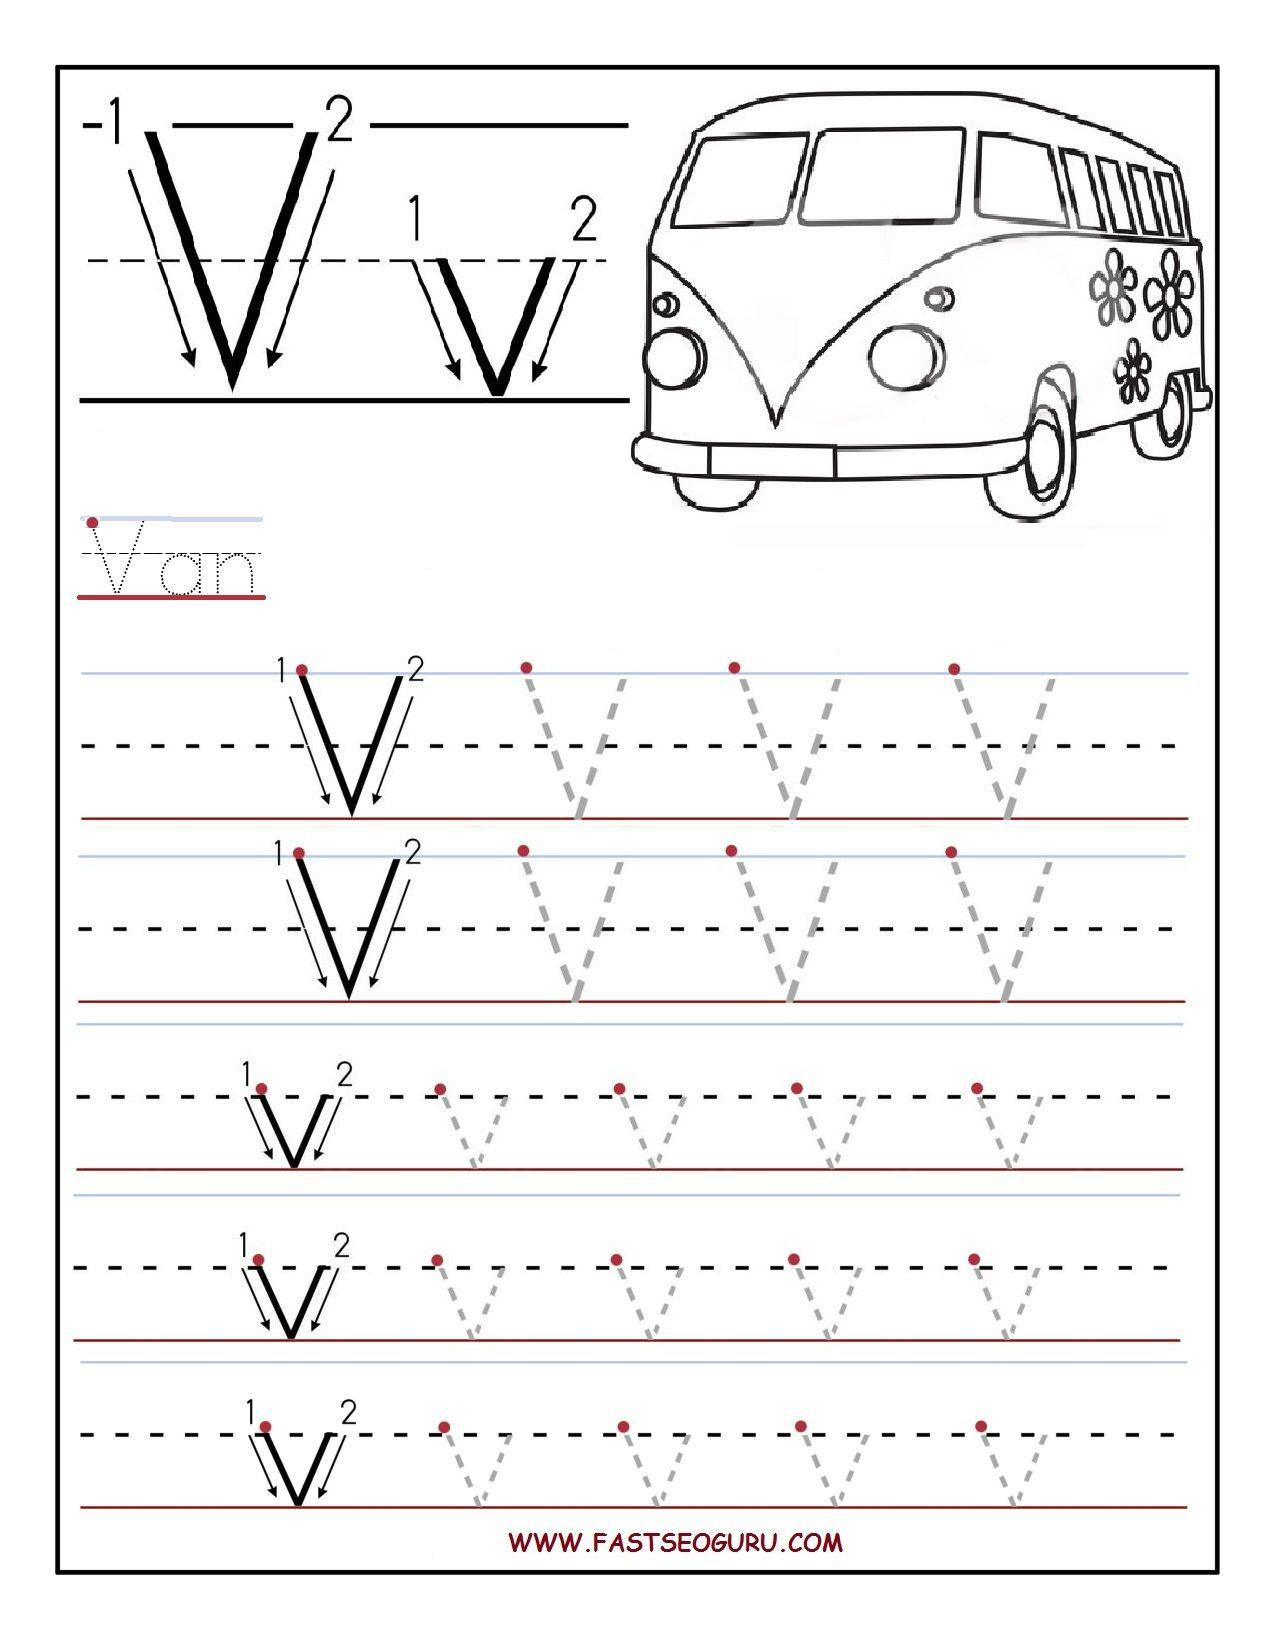 Letter V Worksheets Preschool Printable Letter V Tracing Worksheets for Preschool